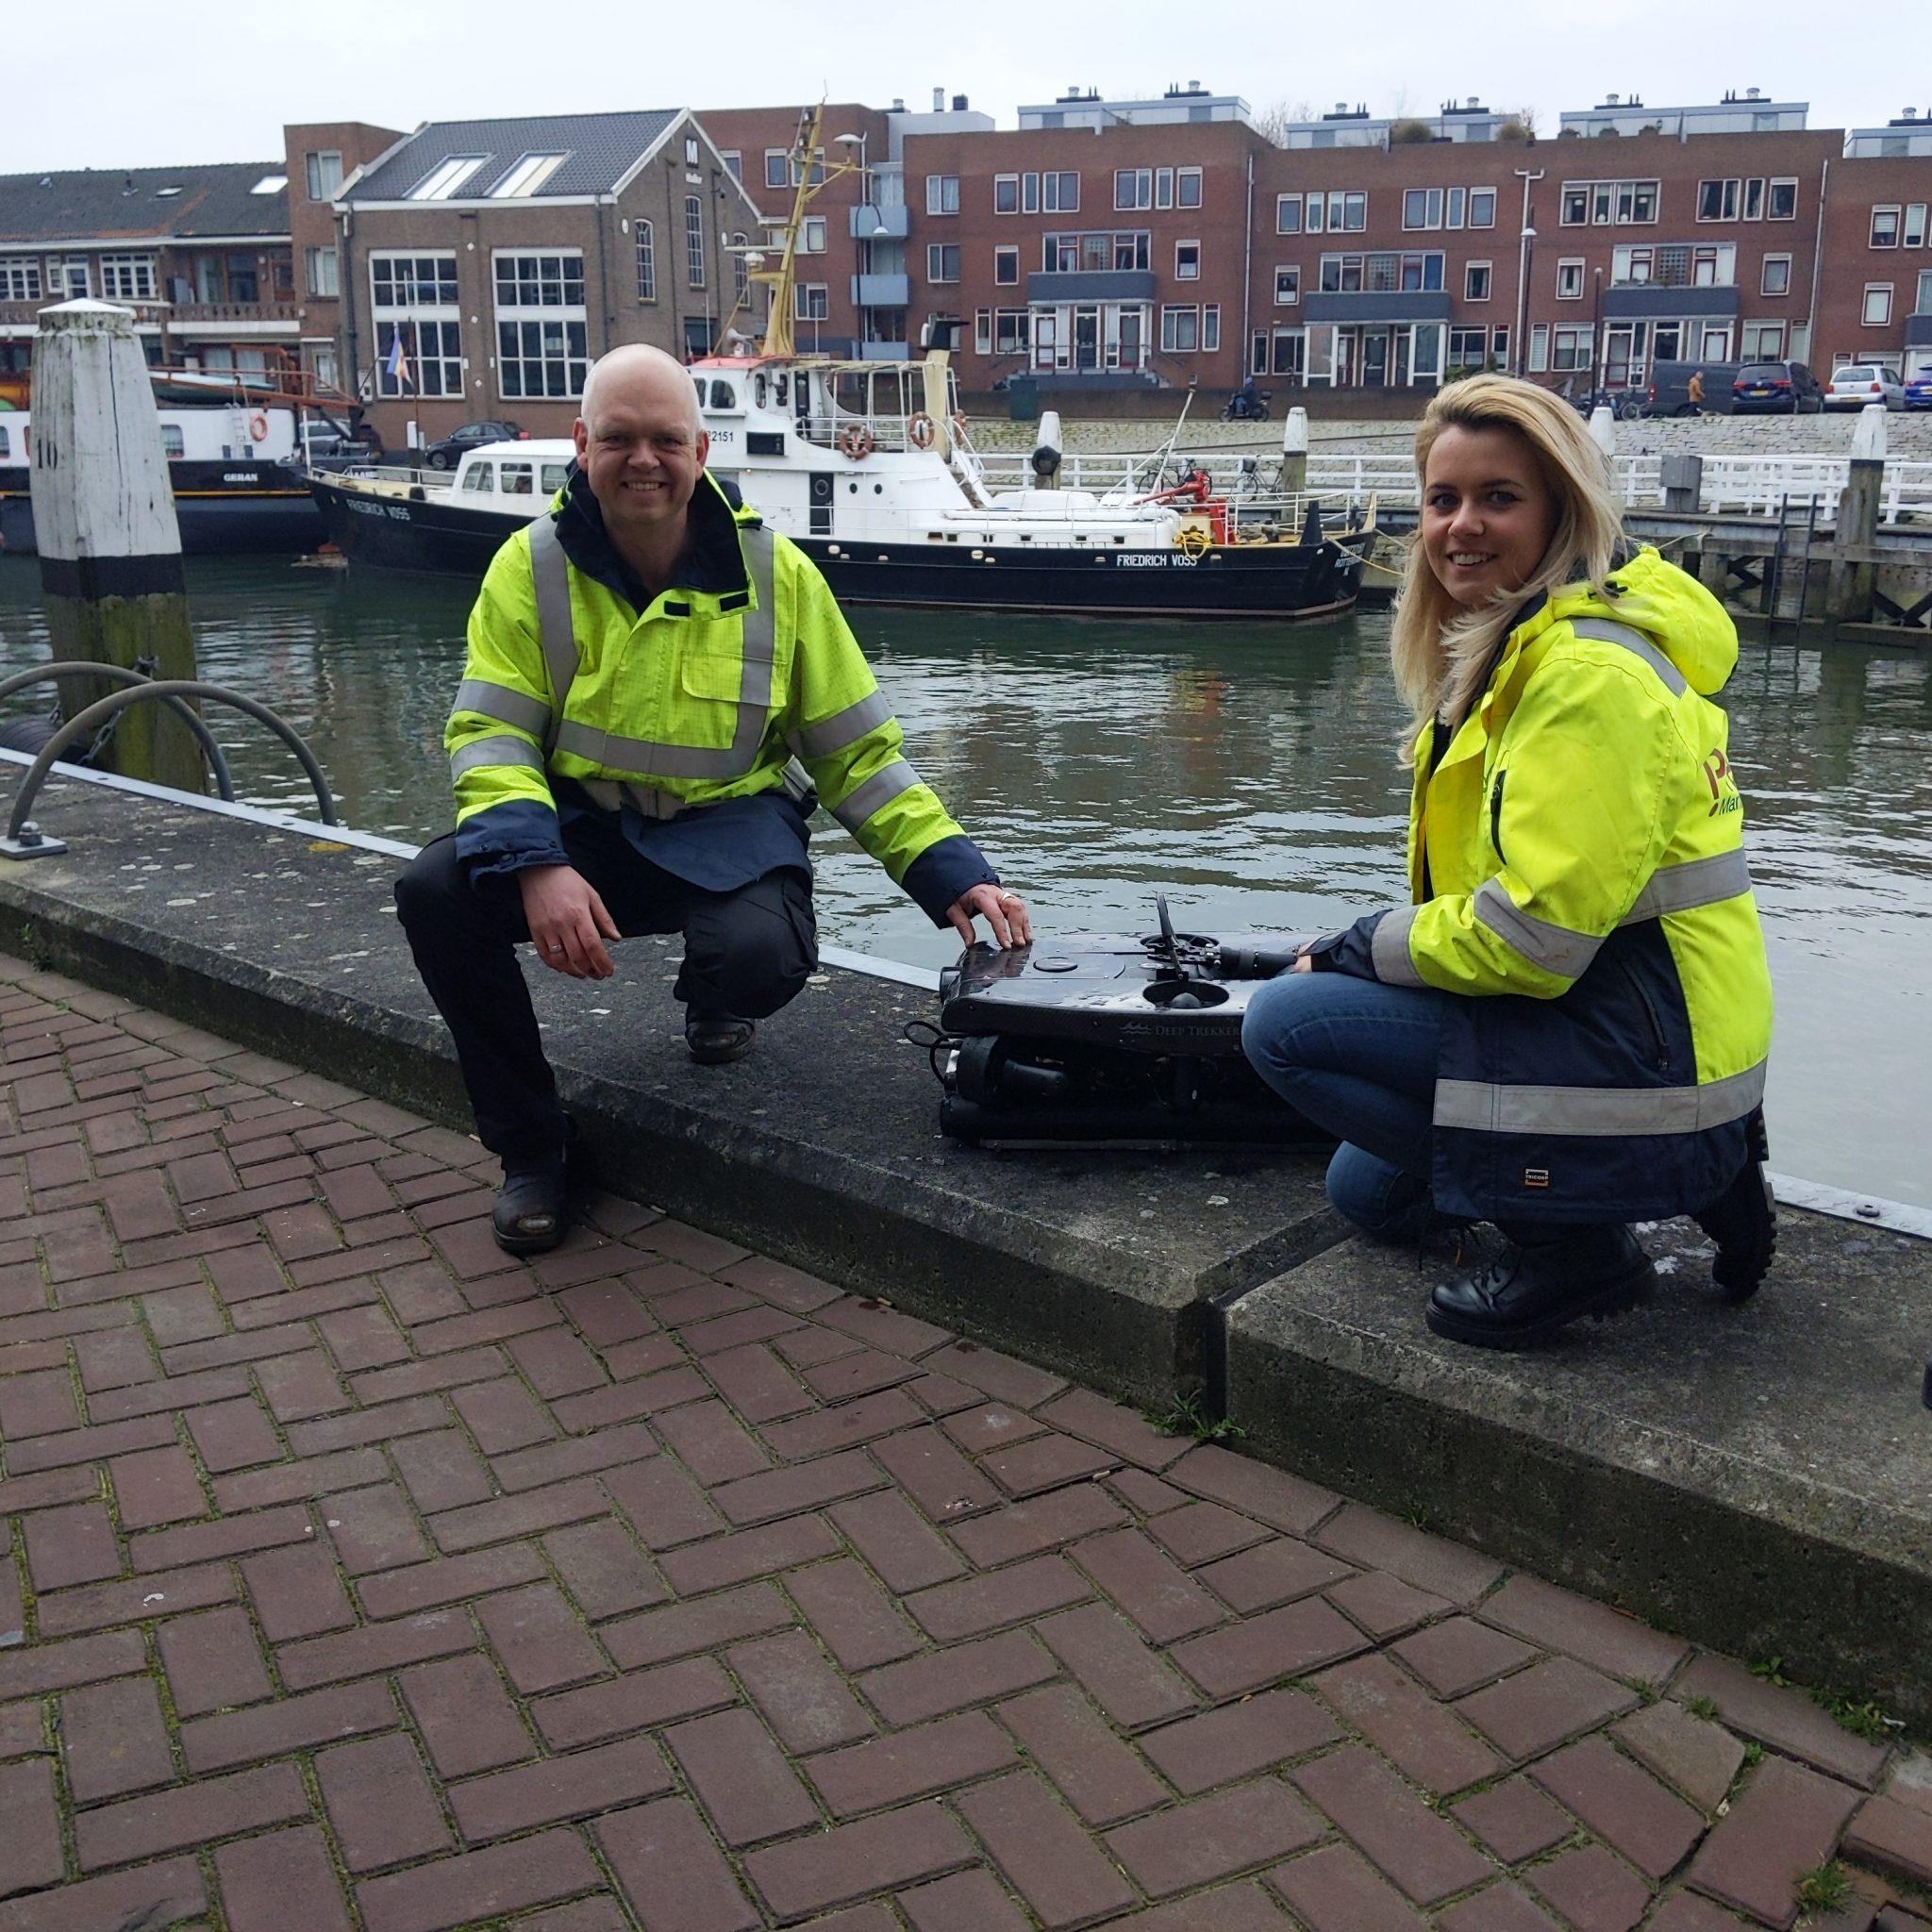 Pascal van Weelden en Denise Smit laten met trots hun onderwaterdrone zien. (Foto Robin van den Bovenkamp)